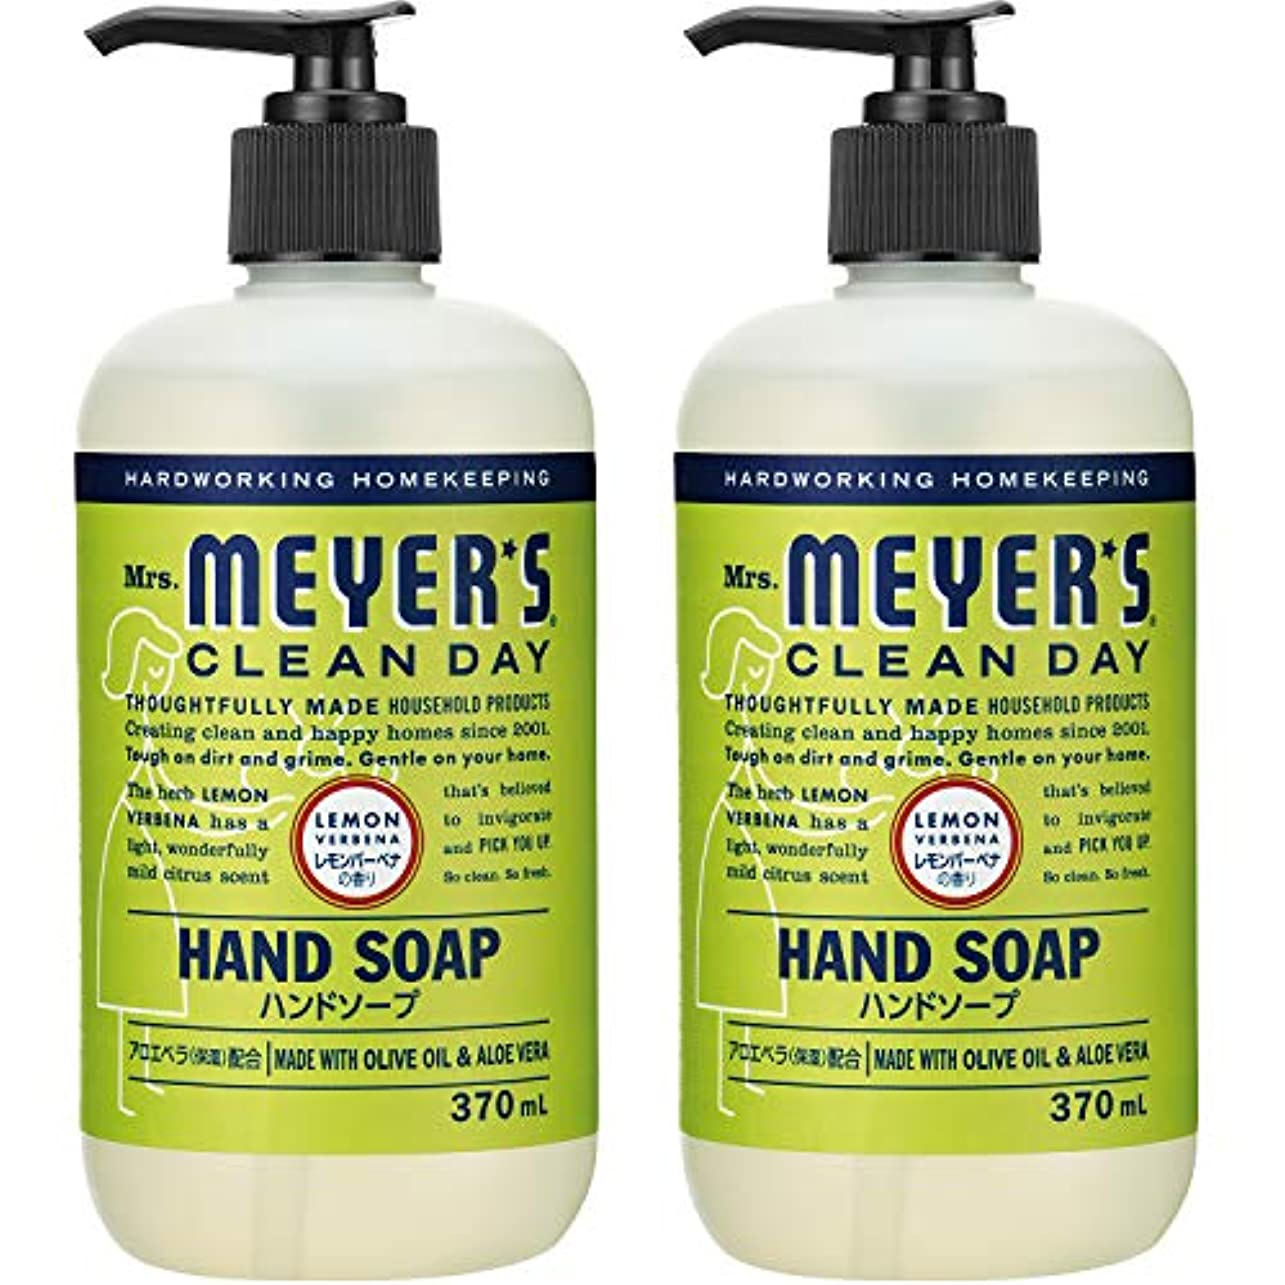 軍隊バンジョー玉ねぎMrs. MEYER'S CLEAN DAY(ミセスマイヤーズ クリーンデイ) ミセスマイヤーズ クリーンデイ(Mrs.Meyers Clean Day) ハンドソープ レモンバーベナの香り 370ml×2個